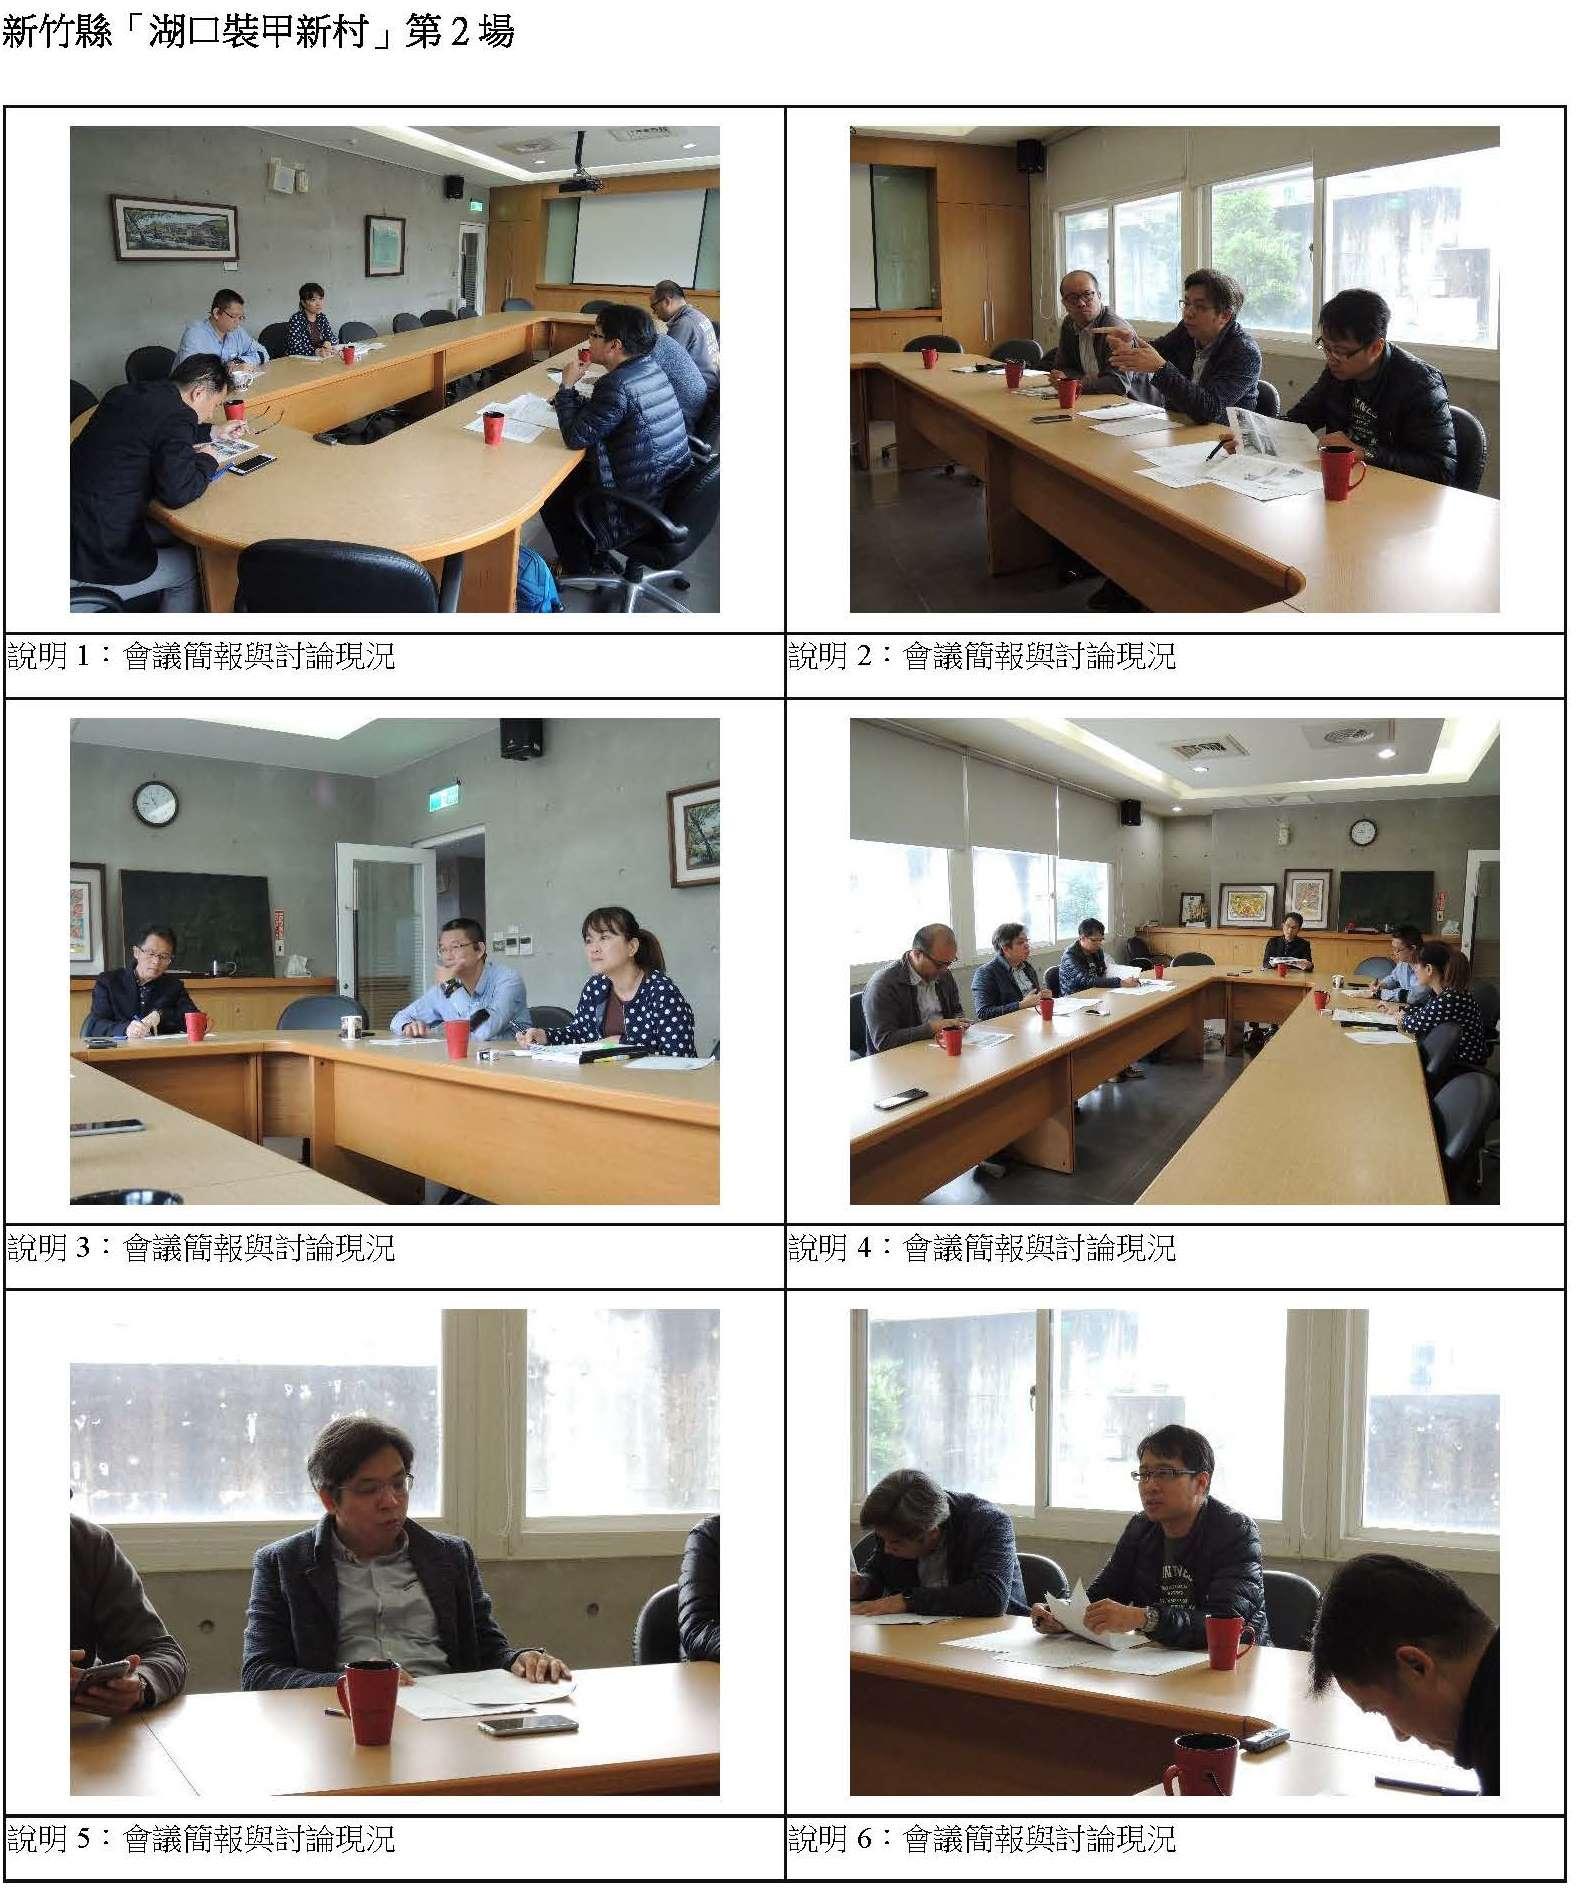 新竹縣「湖口裝甲新村」第2場-相片.jpg